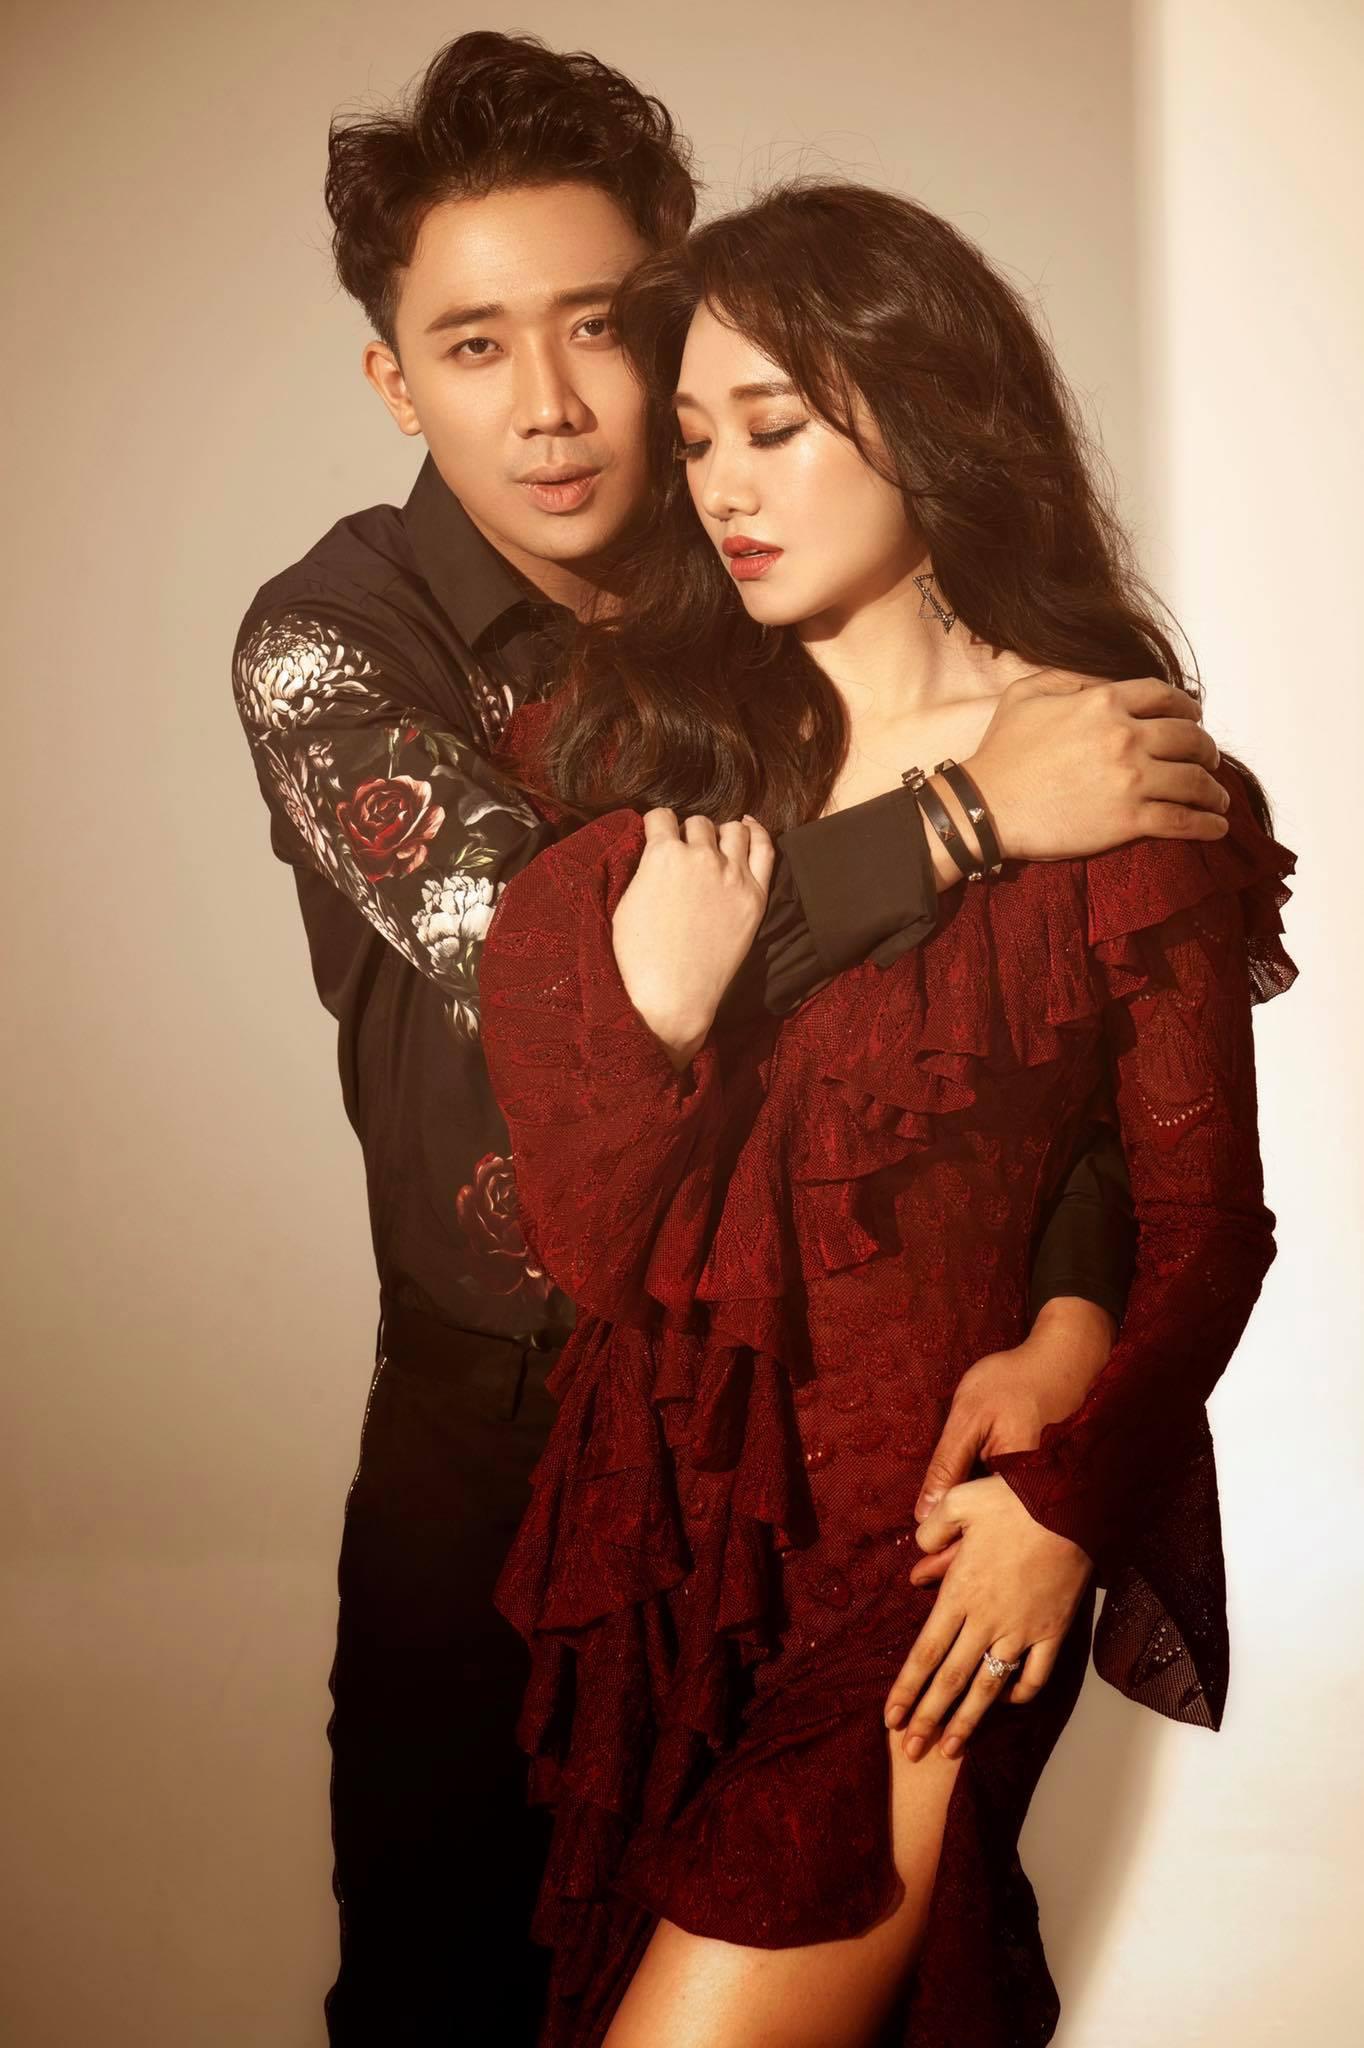 Sau hơn 2 năm kết hôn với Hari Won, cuối cùng Trấn Thành cũng lên tiếng xác nhận kế hoạch có con trong năm 2019 - Ảnh 2.